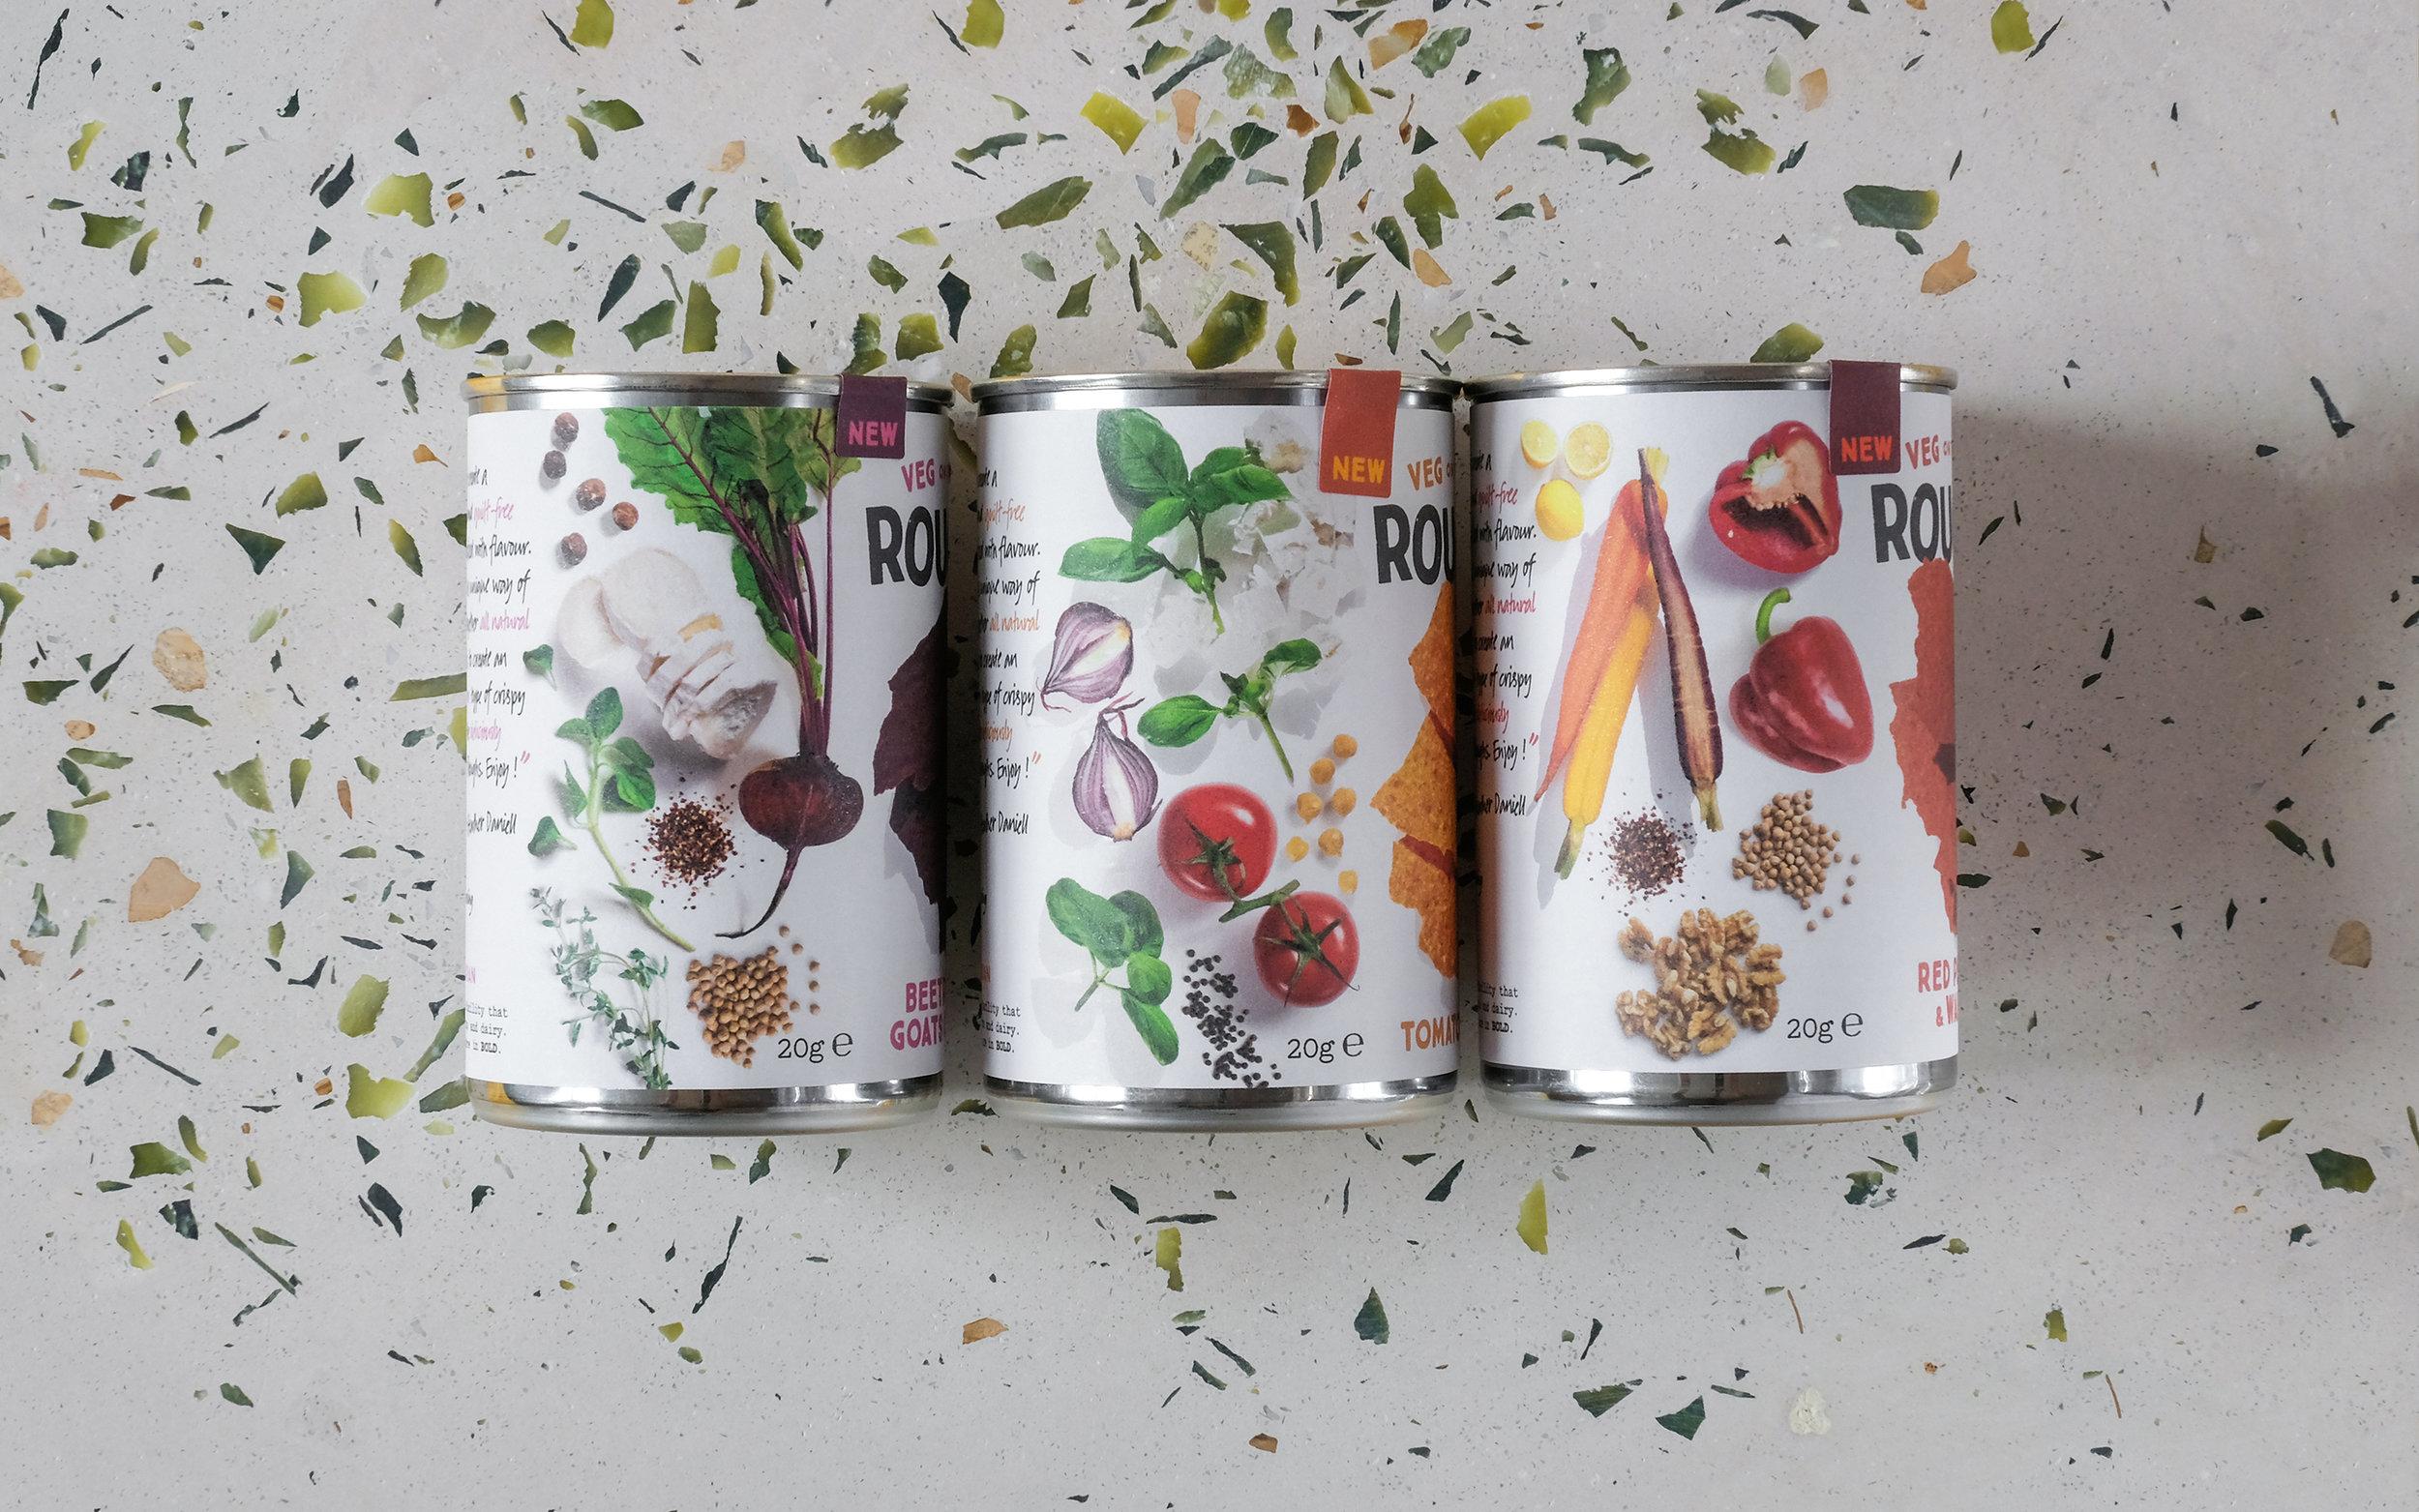 Roughs-Satisfied-Snacks-Galia-Rybitskaya-A-ya-design-packaging_tins-1.jpg